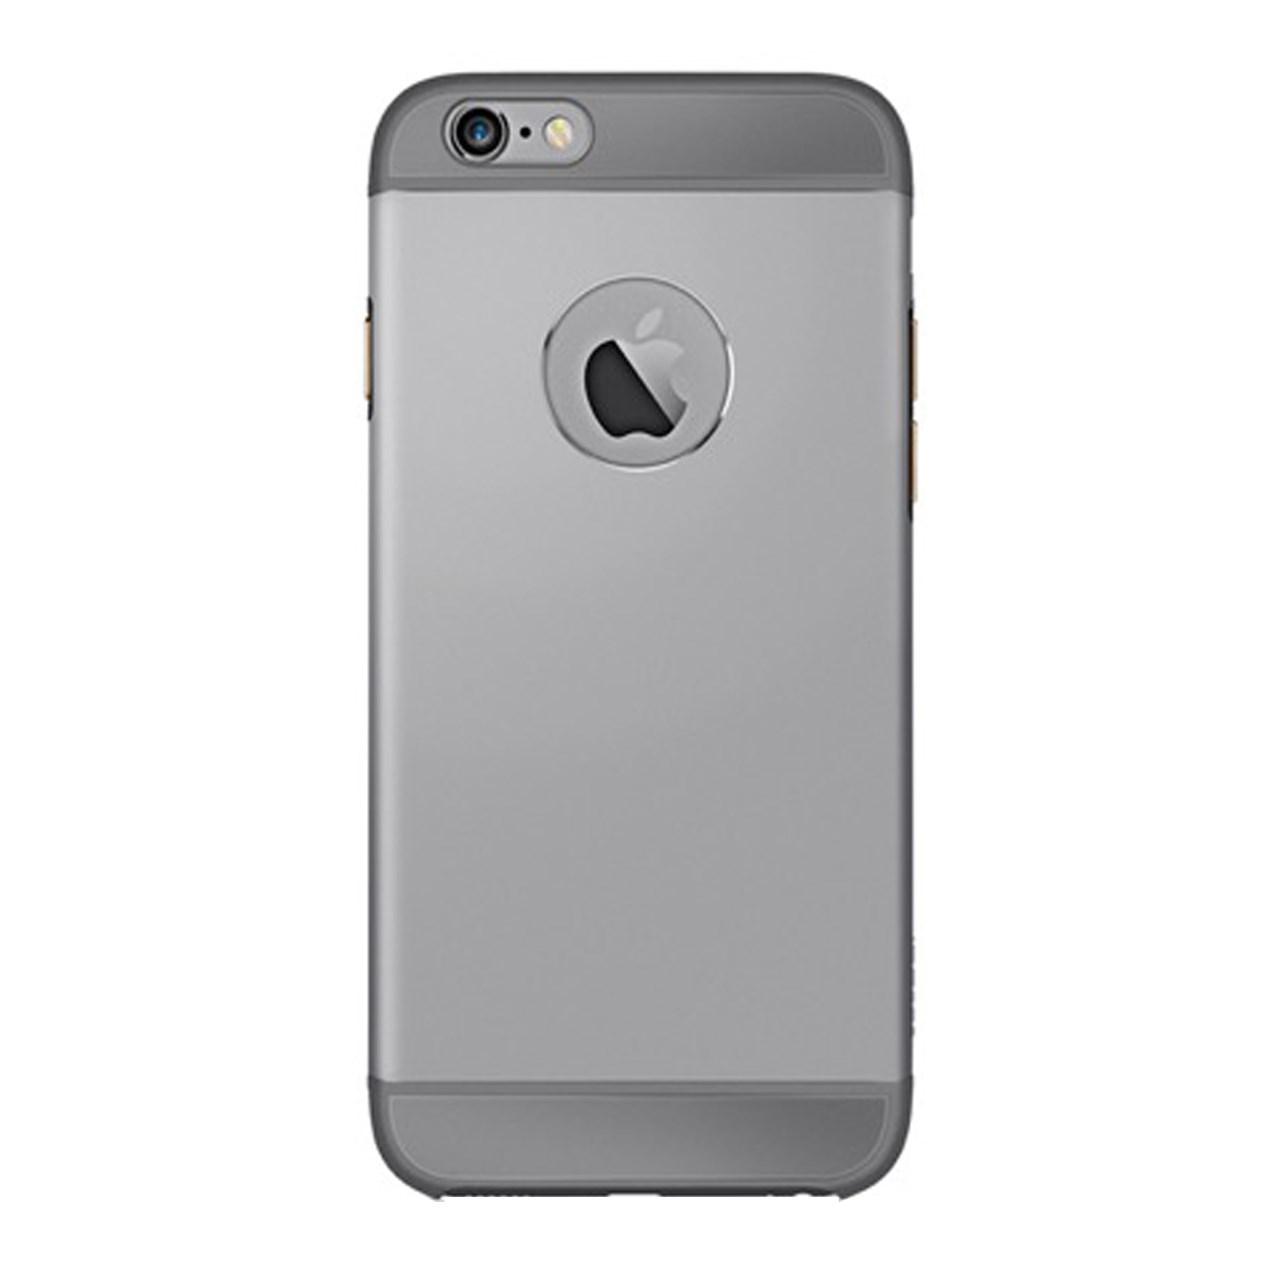 کاور آیبکس مدل Essence II مناسب برای گوشی موبایل آیفون 6 / 6s